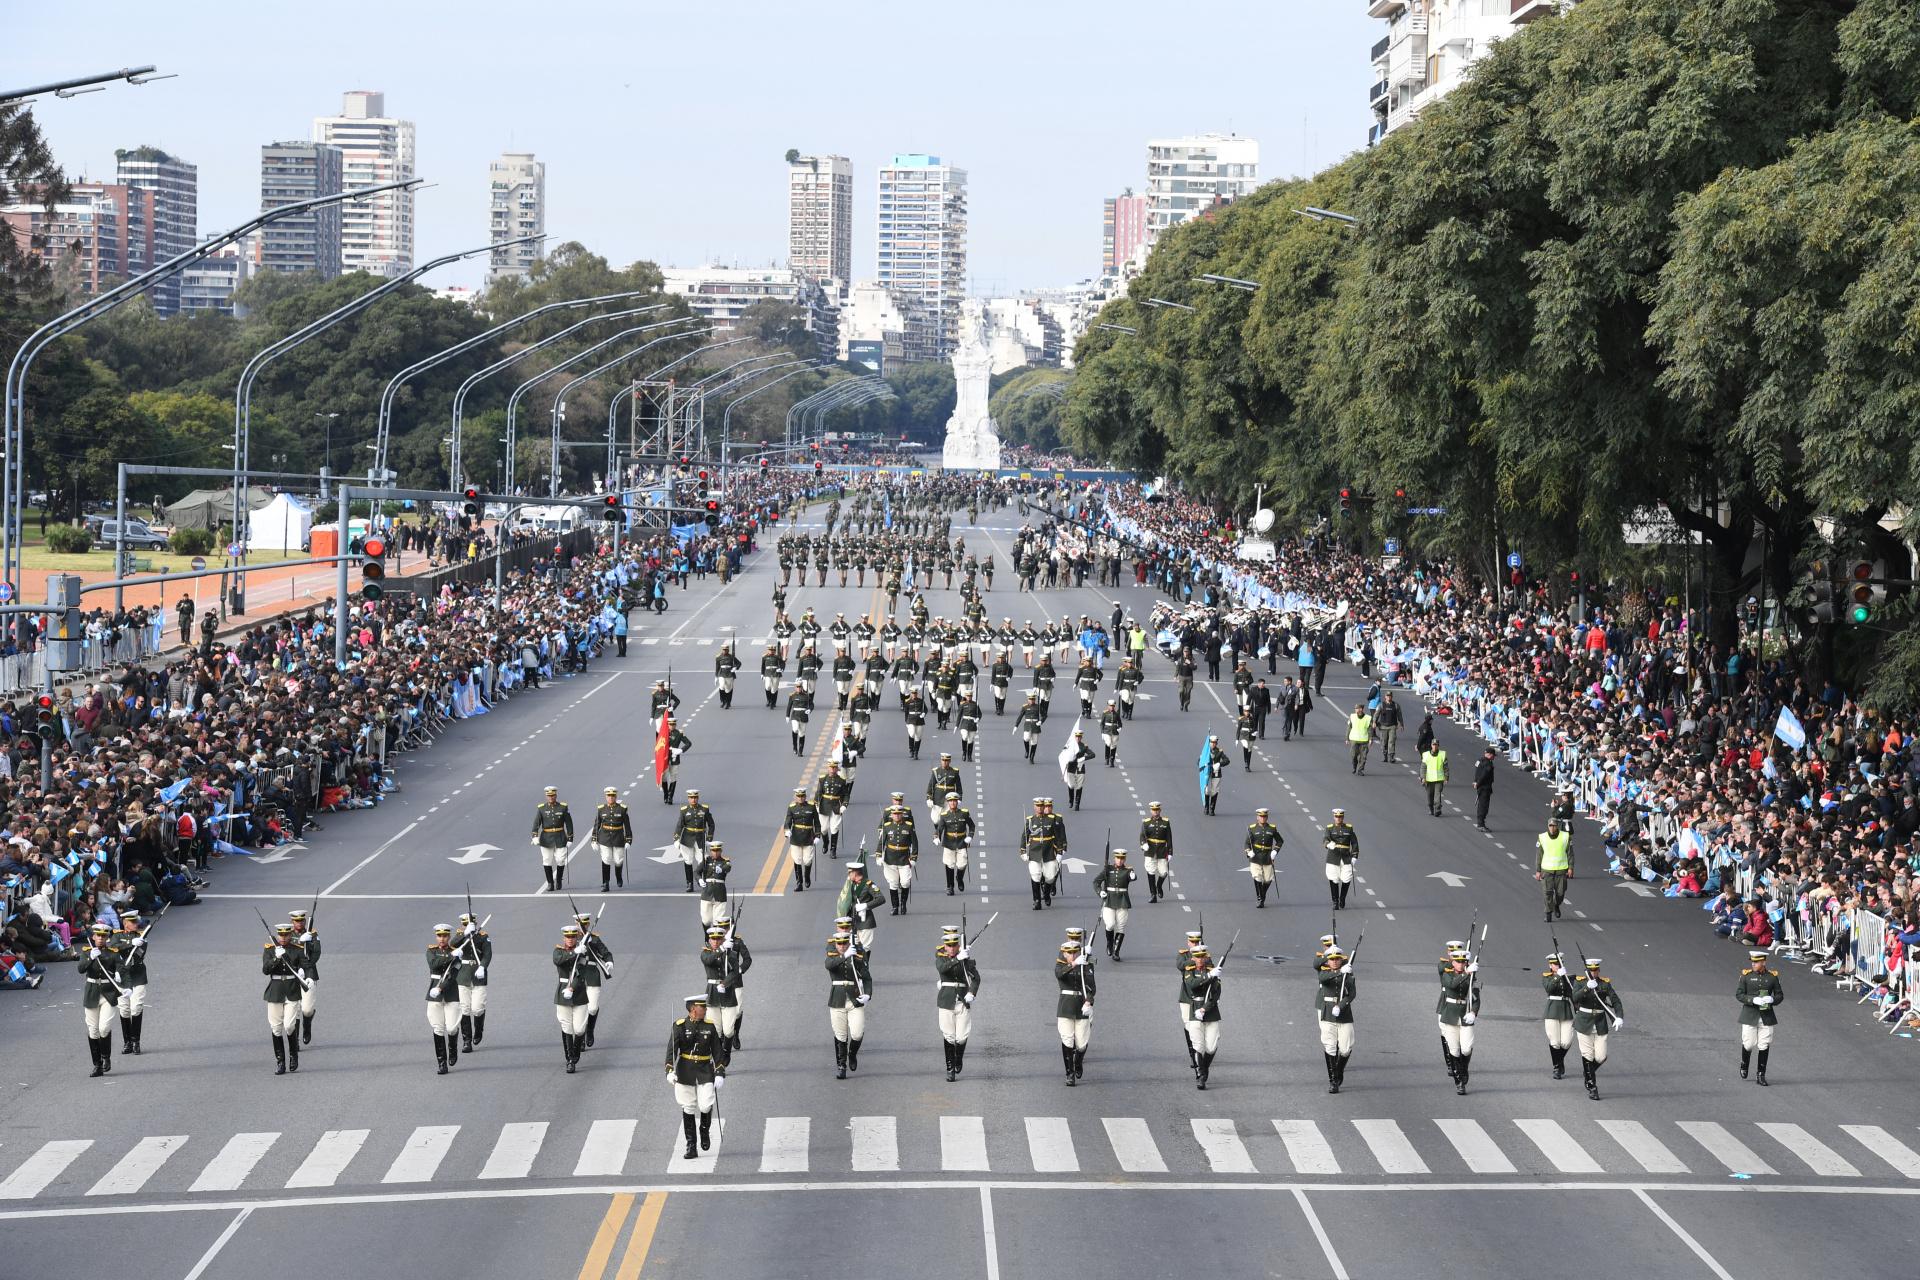 El desfile se realizó por un nuevo aniversario de la declaración de la independencia